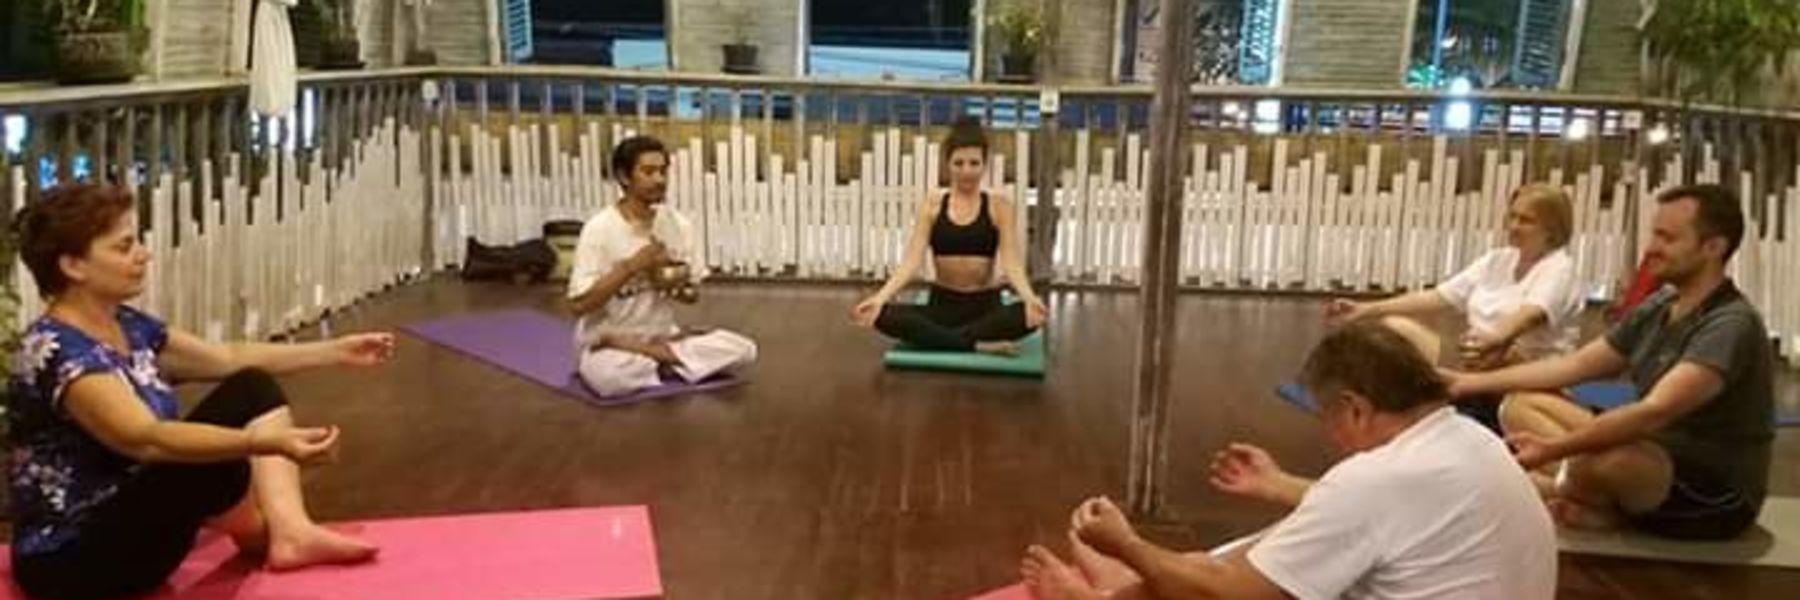 Saka Yoga image